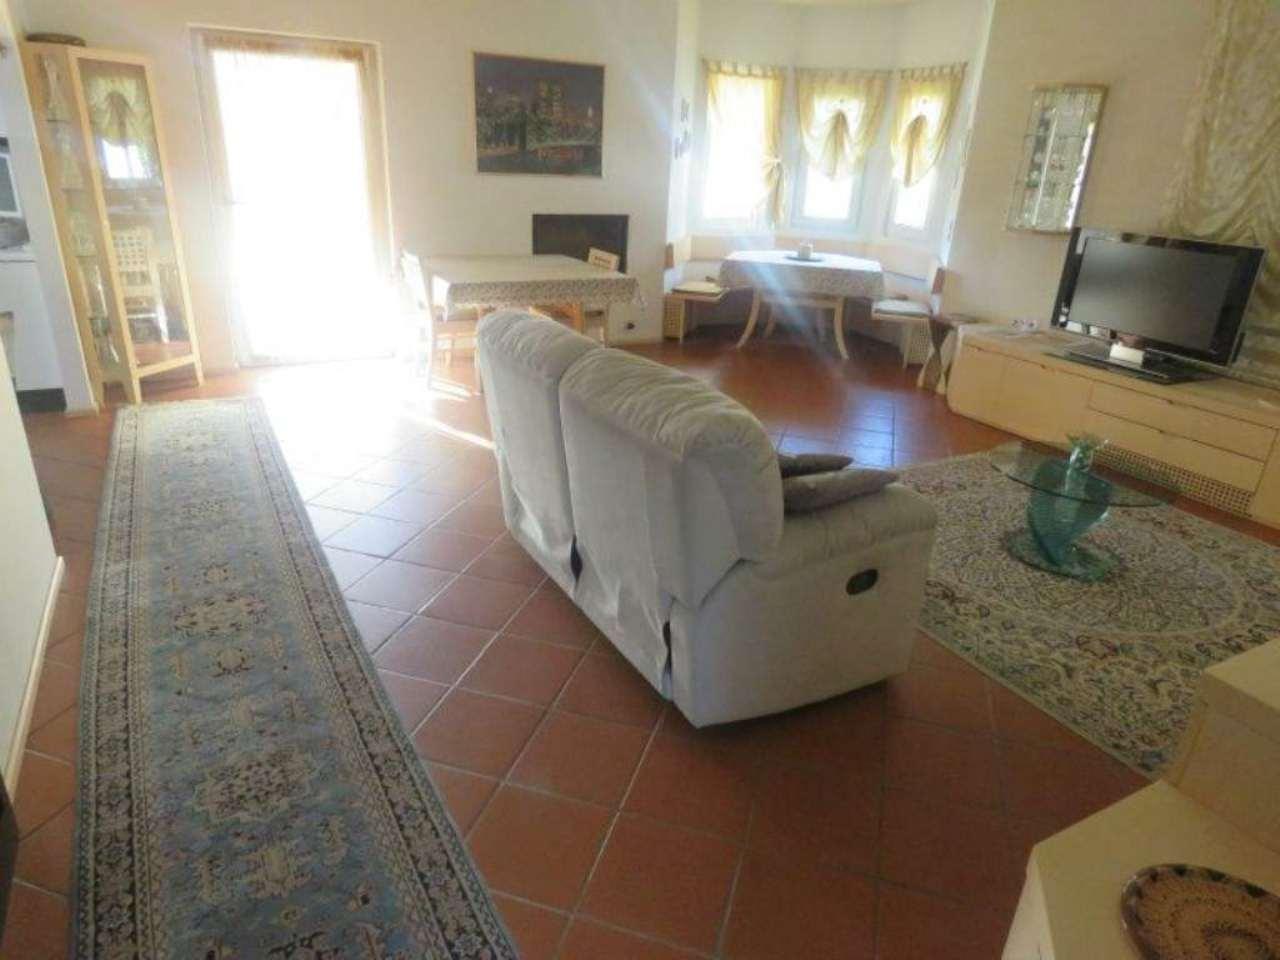 Soluzione Indipendente in vendita a Merano, 4 locali, prezzo € 720.000 | Cambio Casa.it